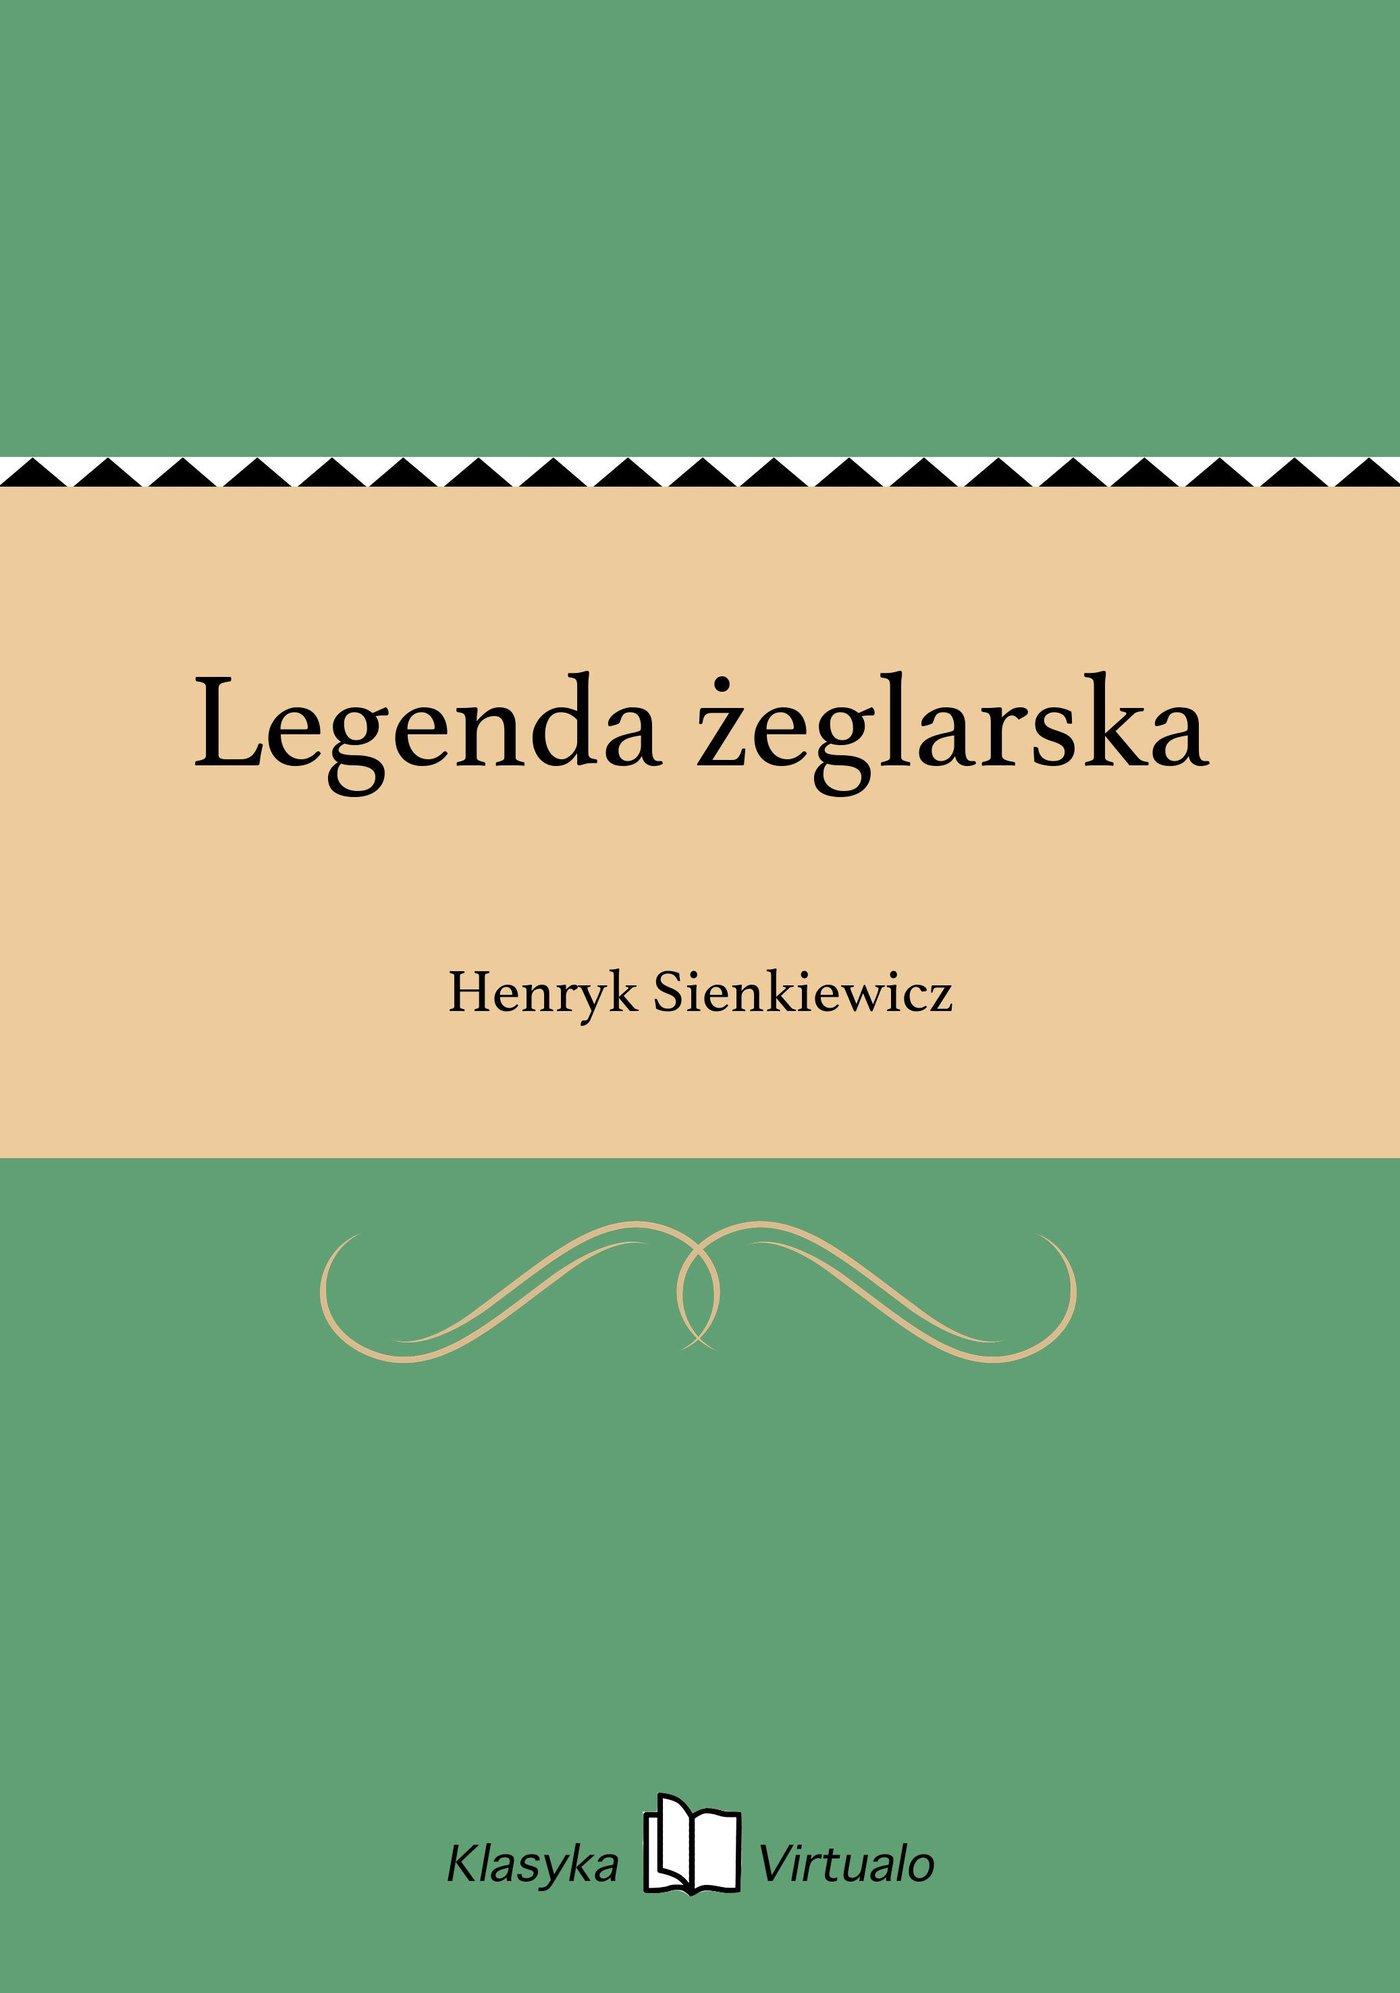 Legenda żeglarska - Ebook (Książka EPUB) do pobrania w formacie EPUB